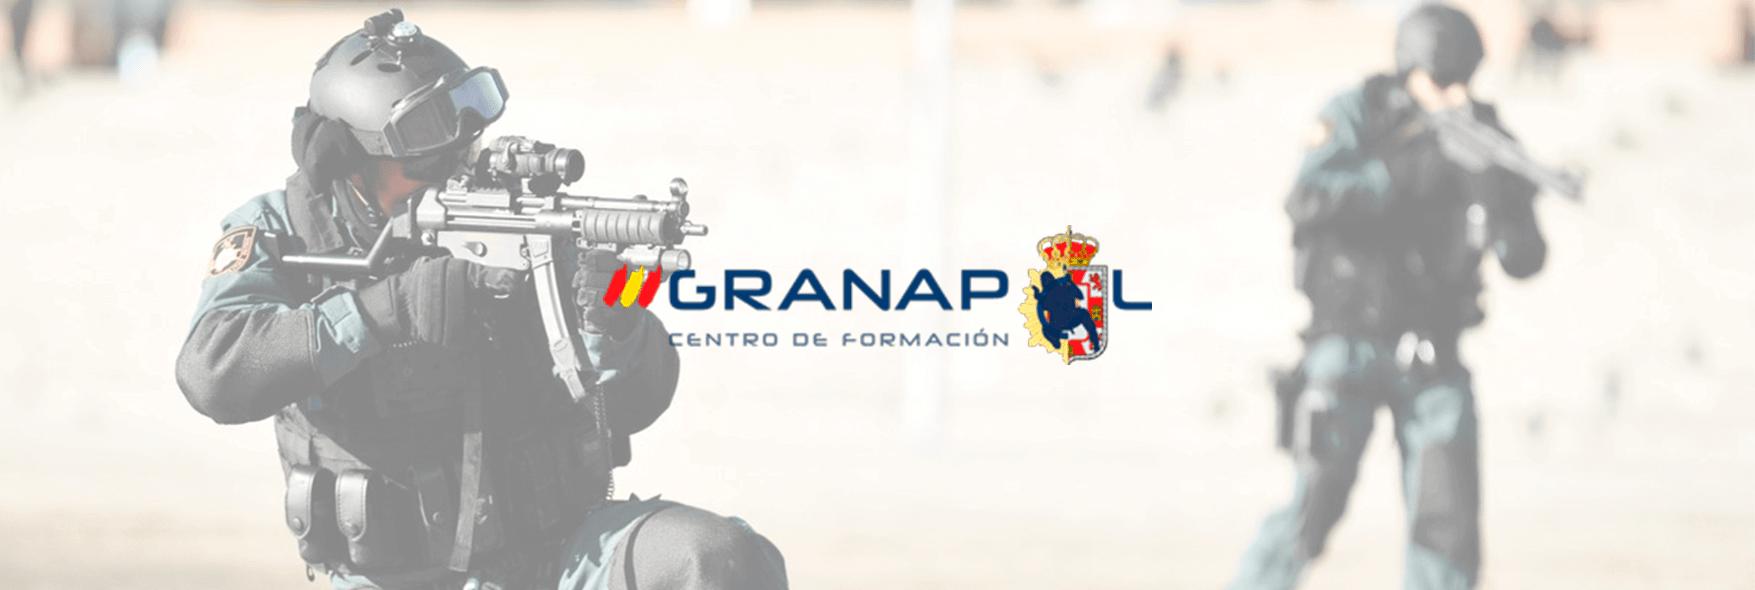 Granapol Fondo